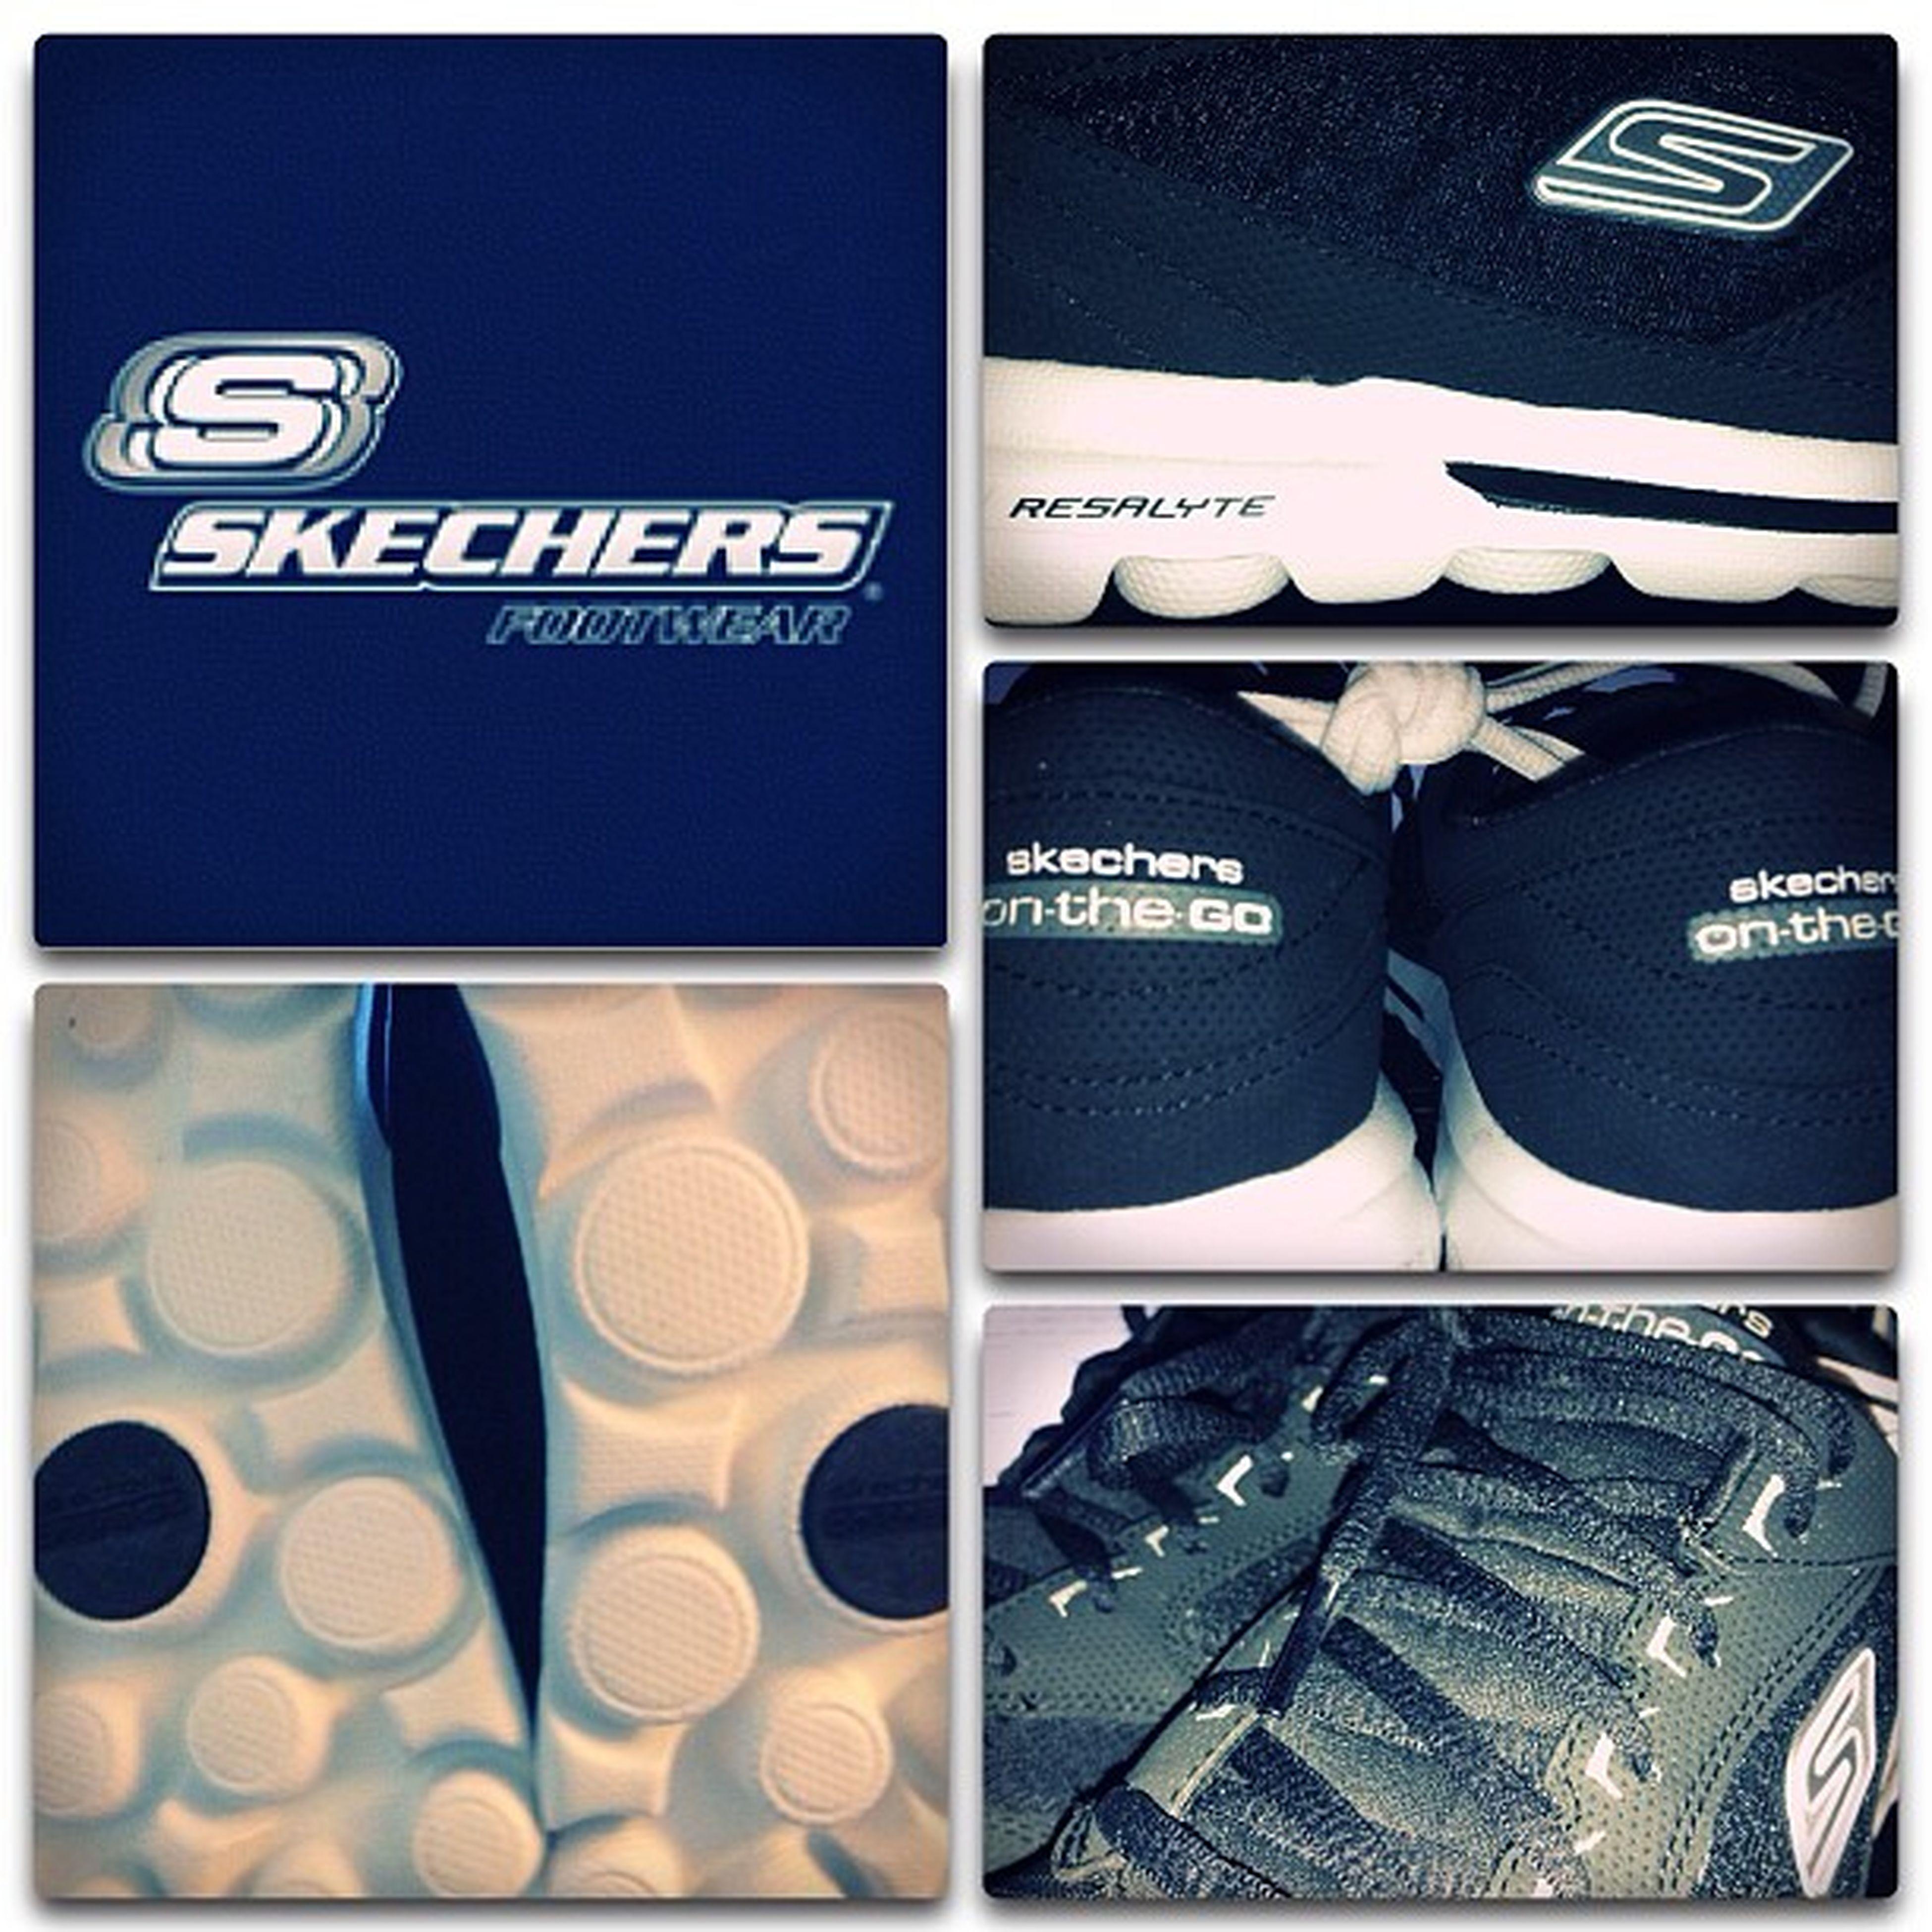 Skechers Onthego Resalyte une paire de pompes,quand tu les as,t'oublies quelles sont à tes pieds,et tu voles!